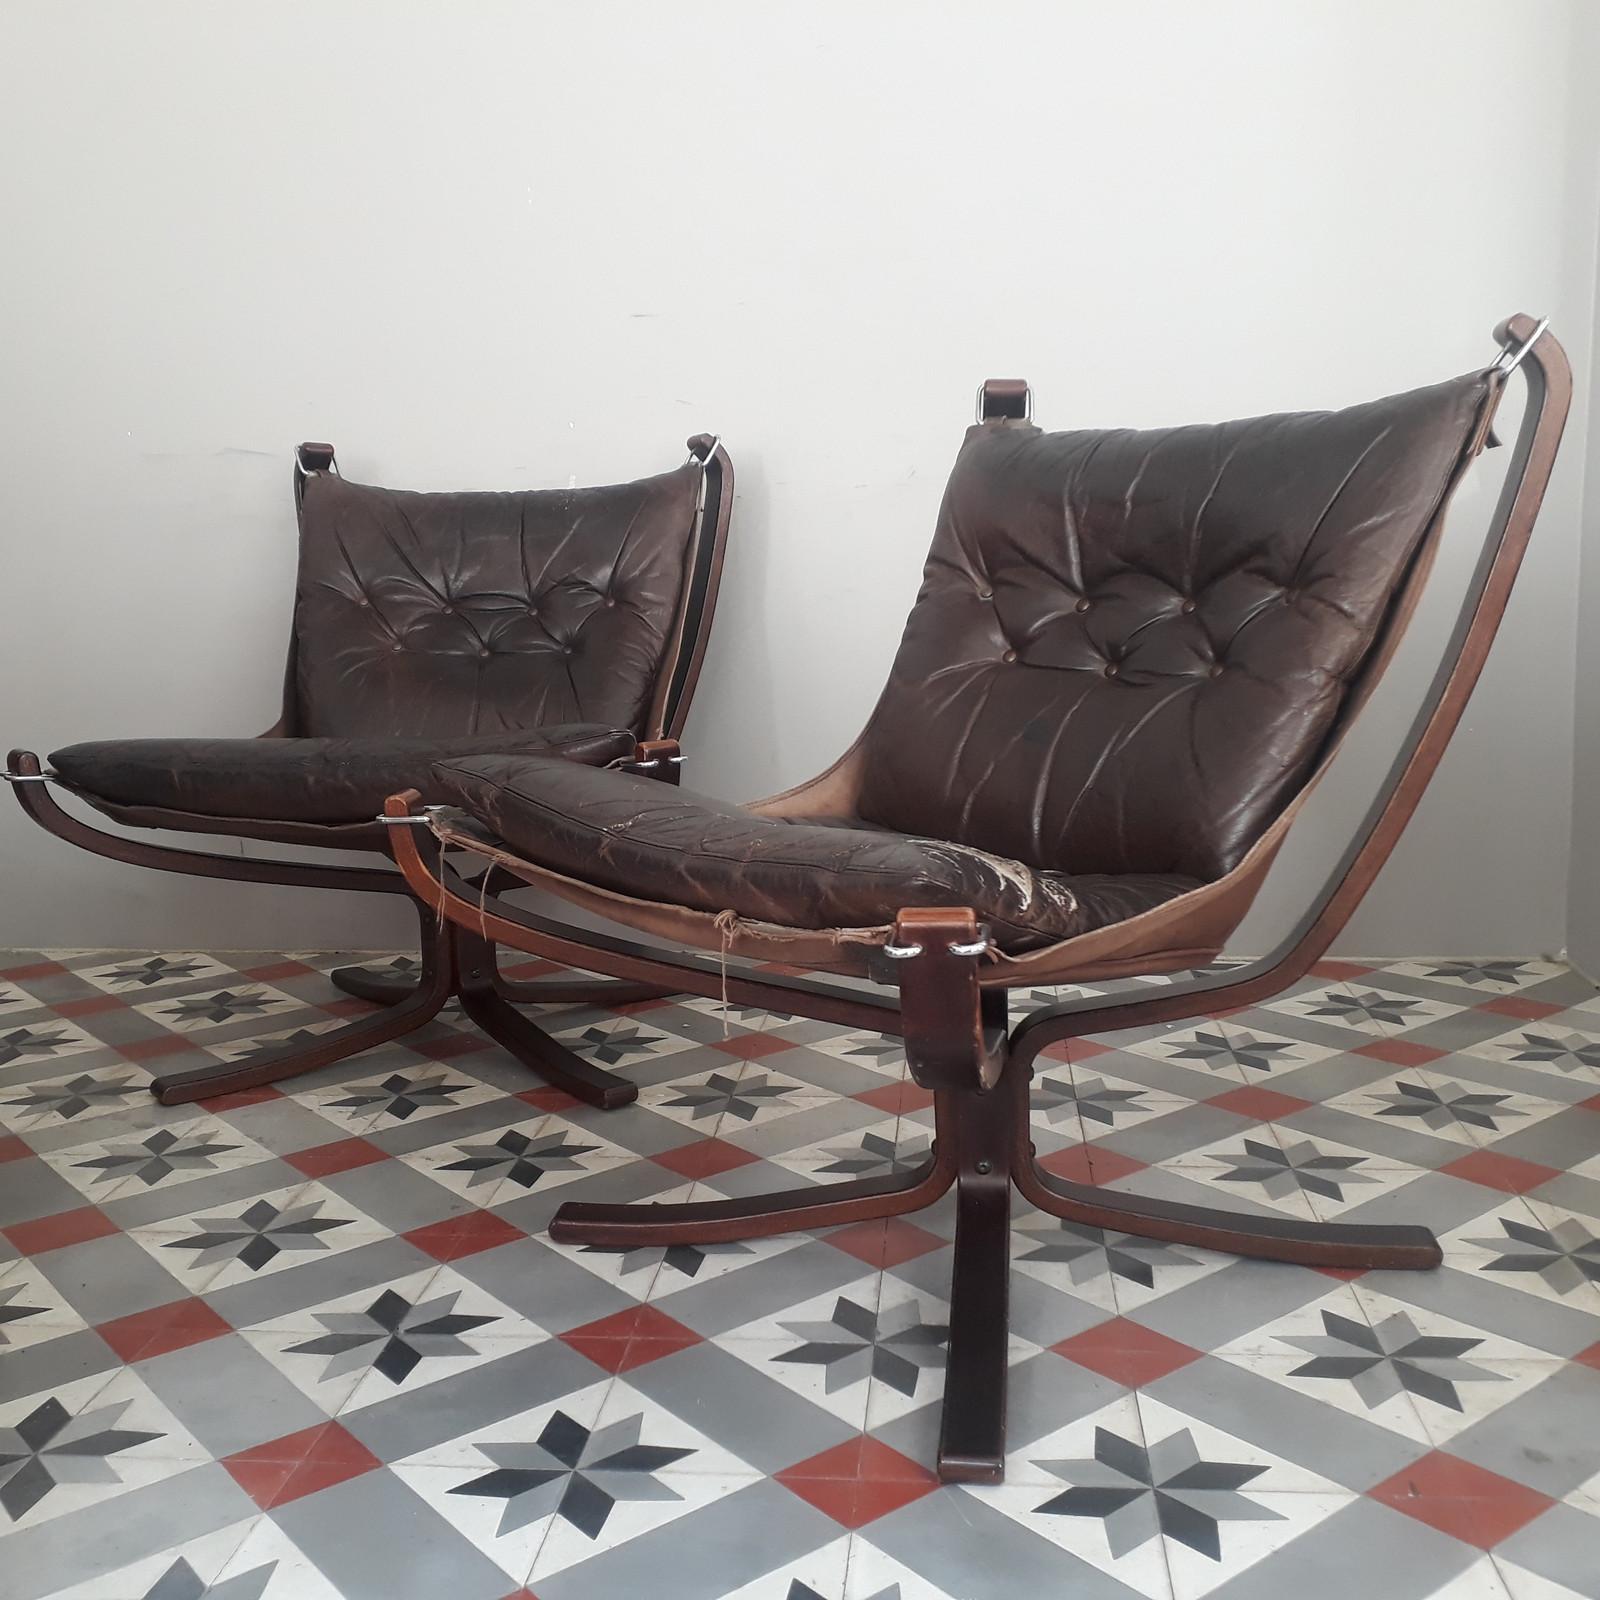 Falcon lenestoler designet av Sigurd Resell for Vatne møbler